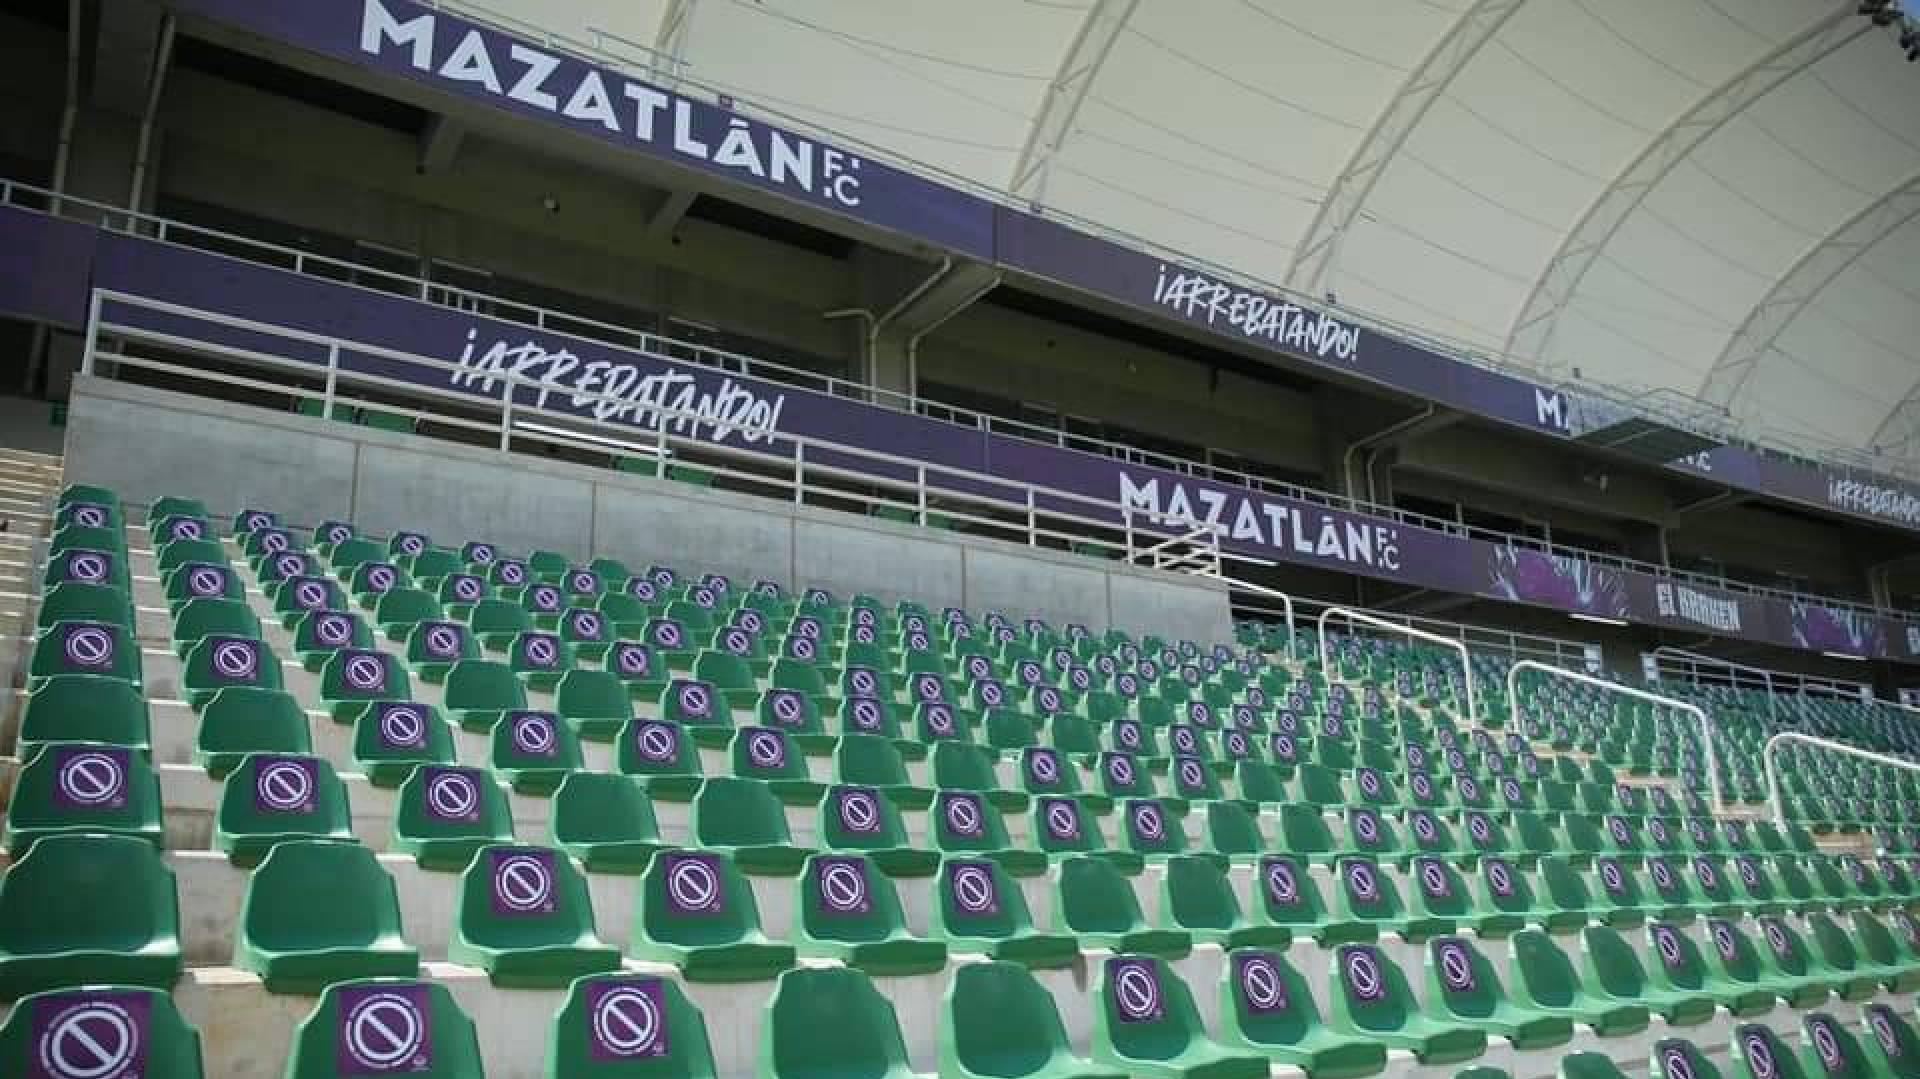 Mazatlán FC pedirá prueba PCR para ingresar al estadio Kraken ante aumento de casos de COVID-19